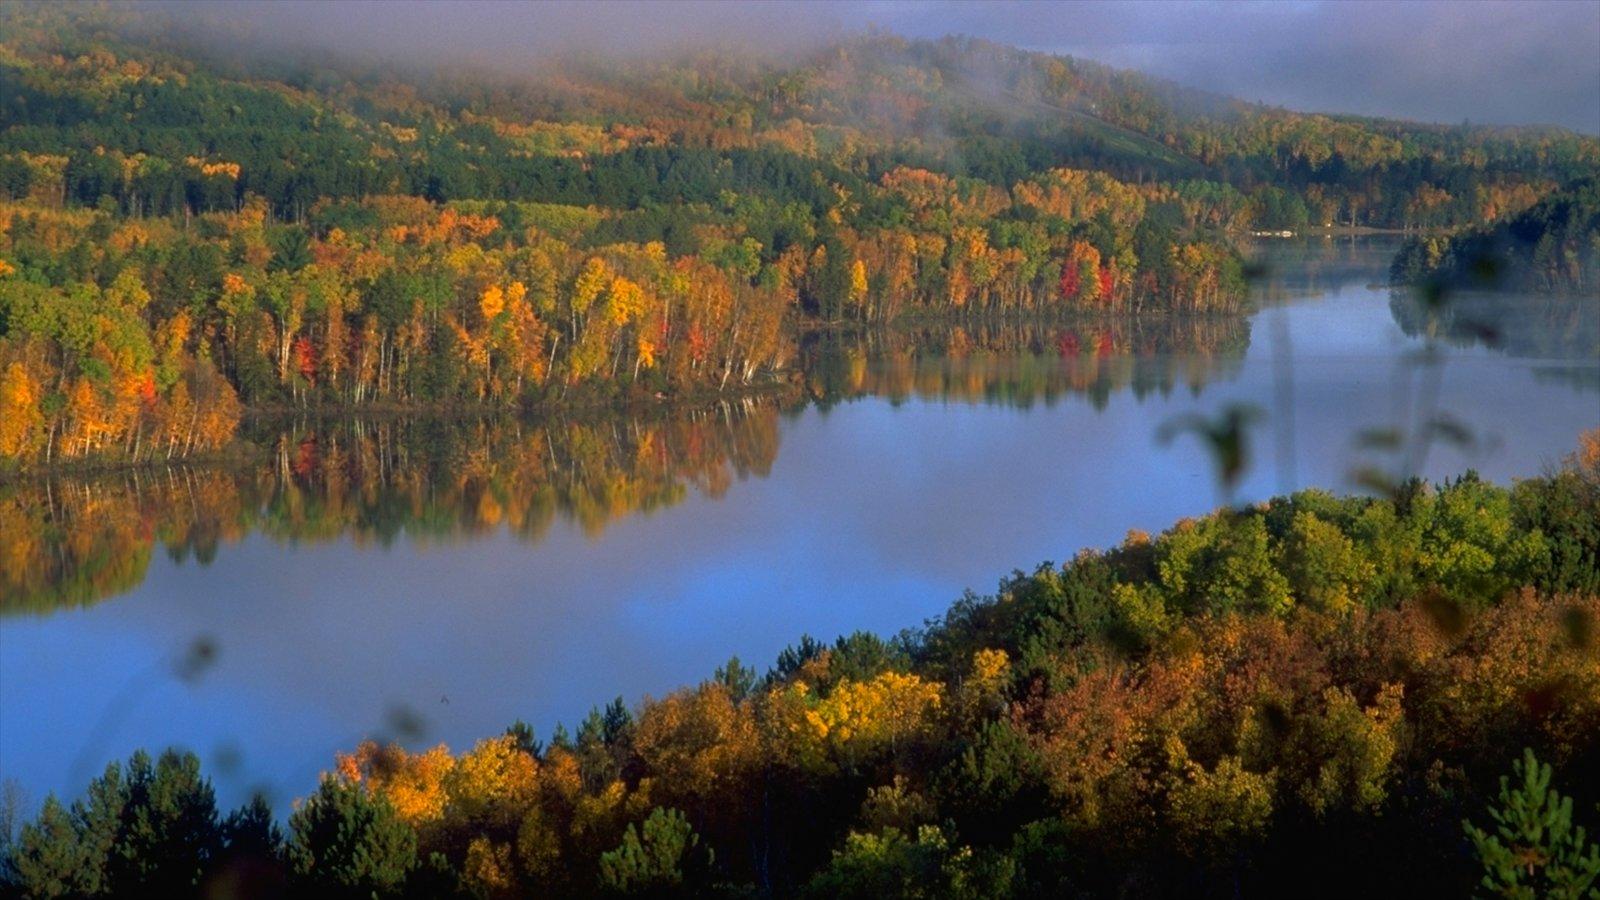 Minneapolis - St. Paul caracterizando paisagem, um rio ou córrego e cenas de floresta